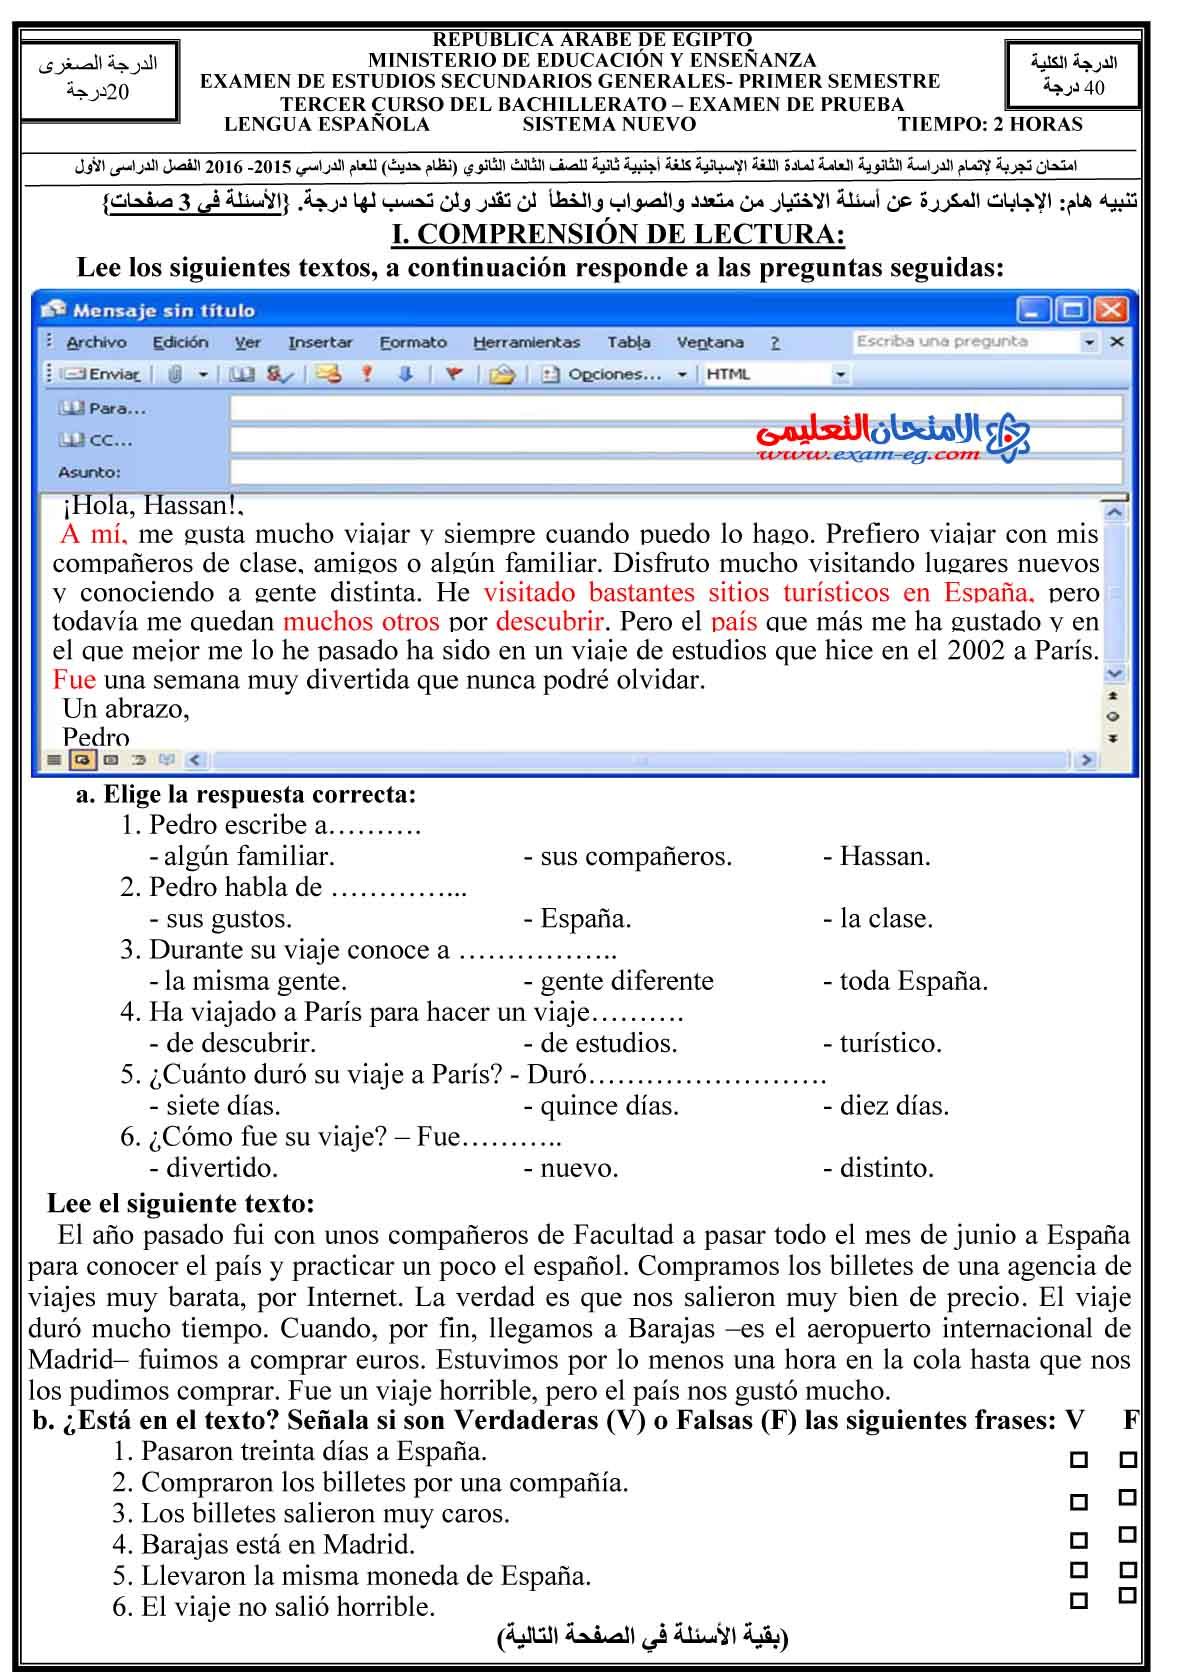 لغة اسبانية 4 - مدرسة اون لاين-1